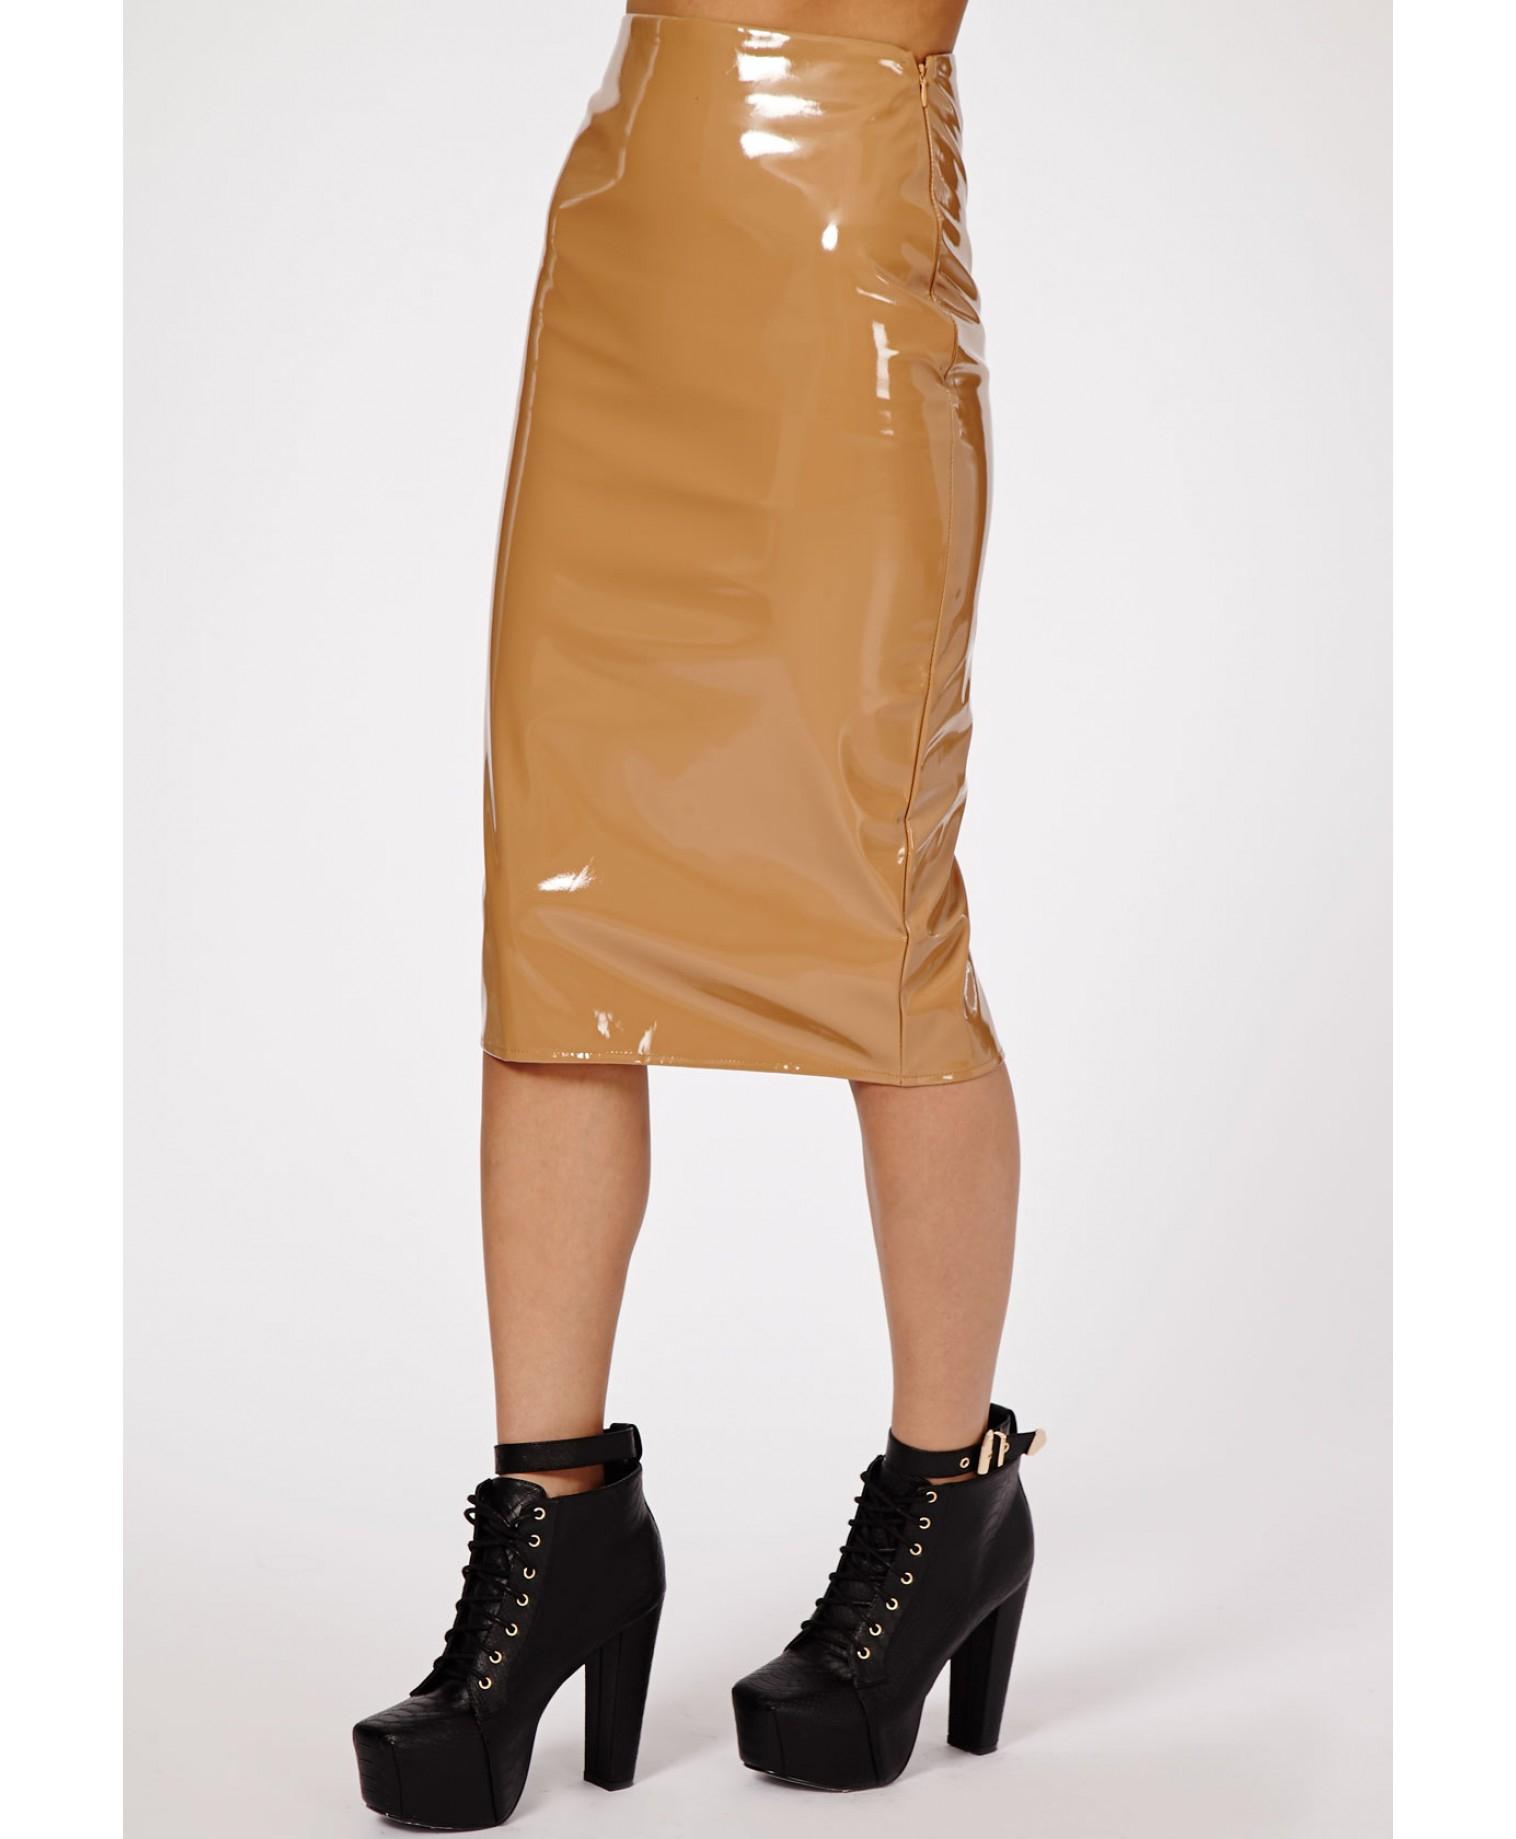 missguided mircia pvc midi skirt in mocha in brown mocha